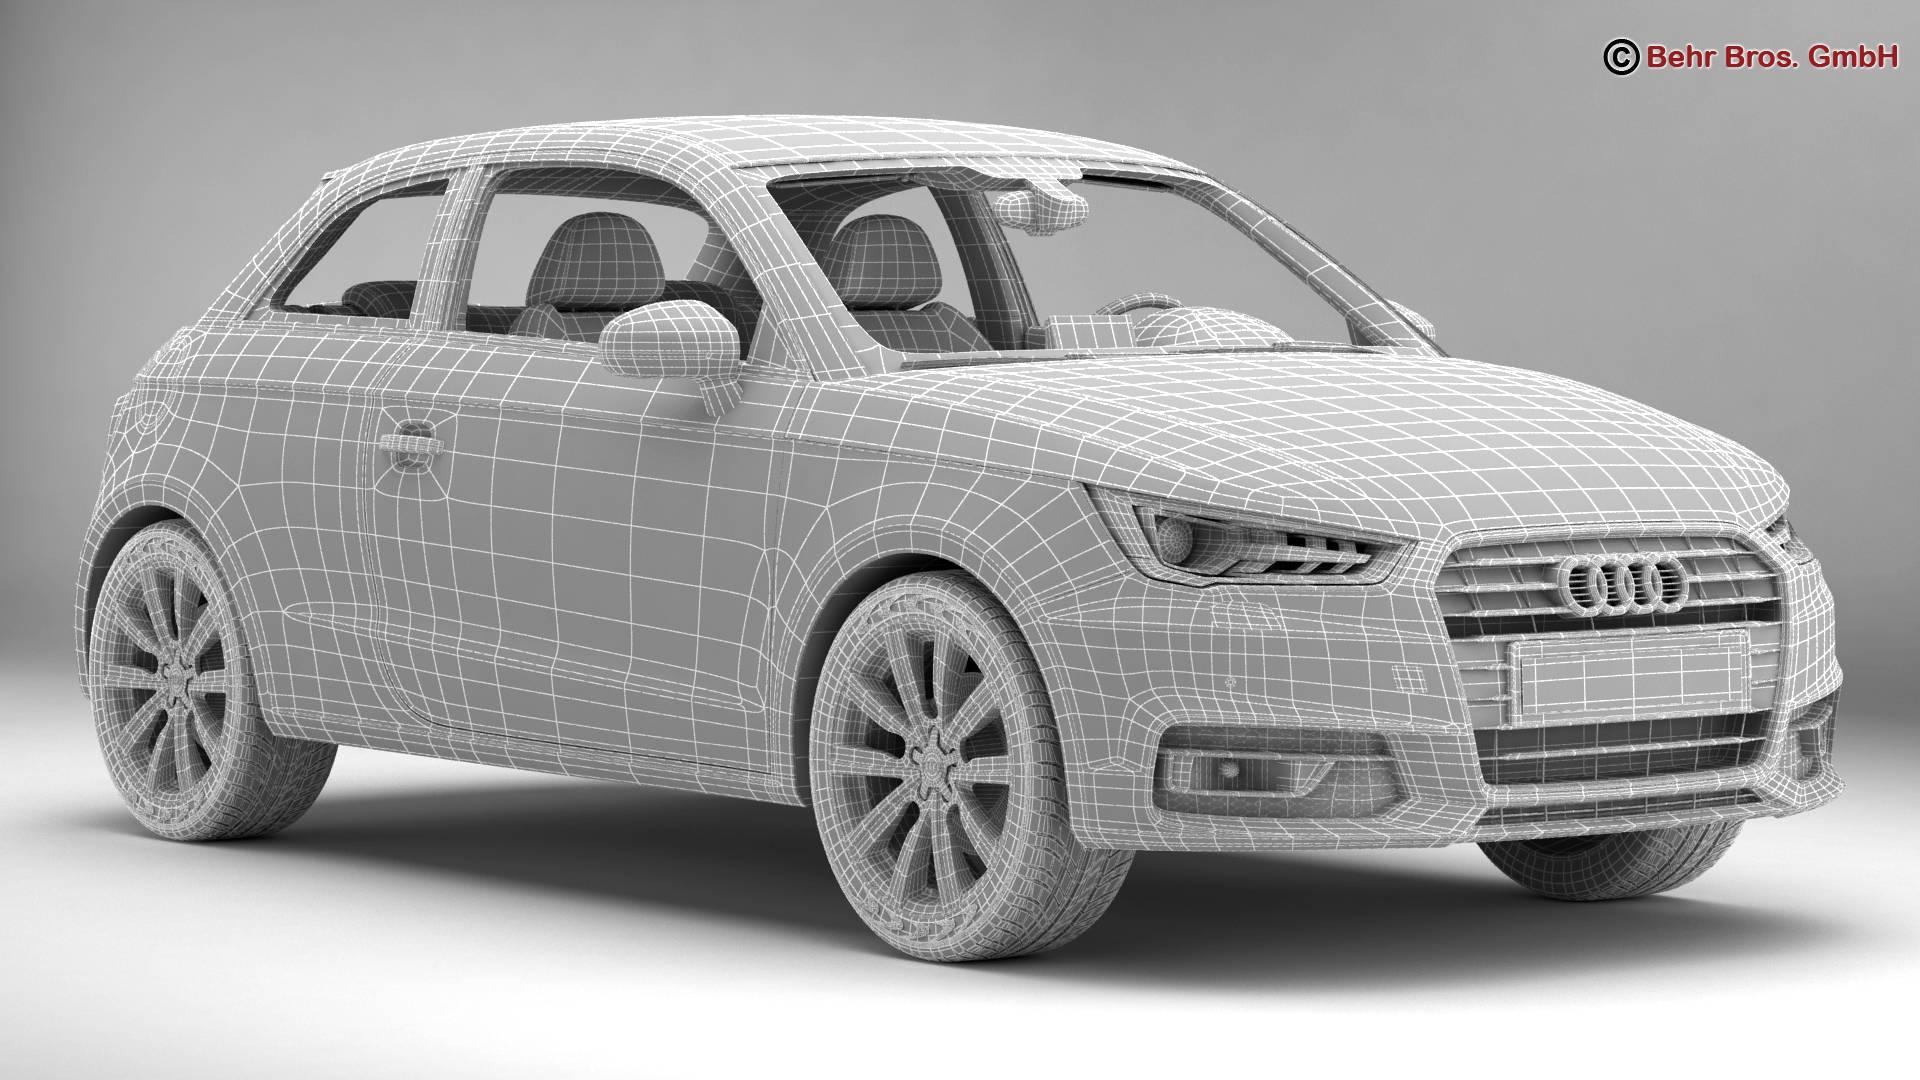 Audi a1 2015 3d model 3ds max fbx c4d am fwy o wybodaeth 214710